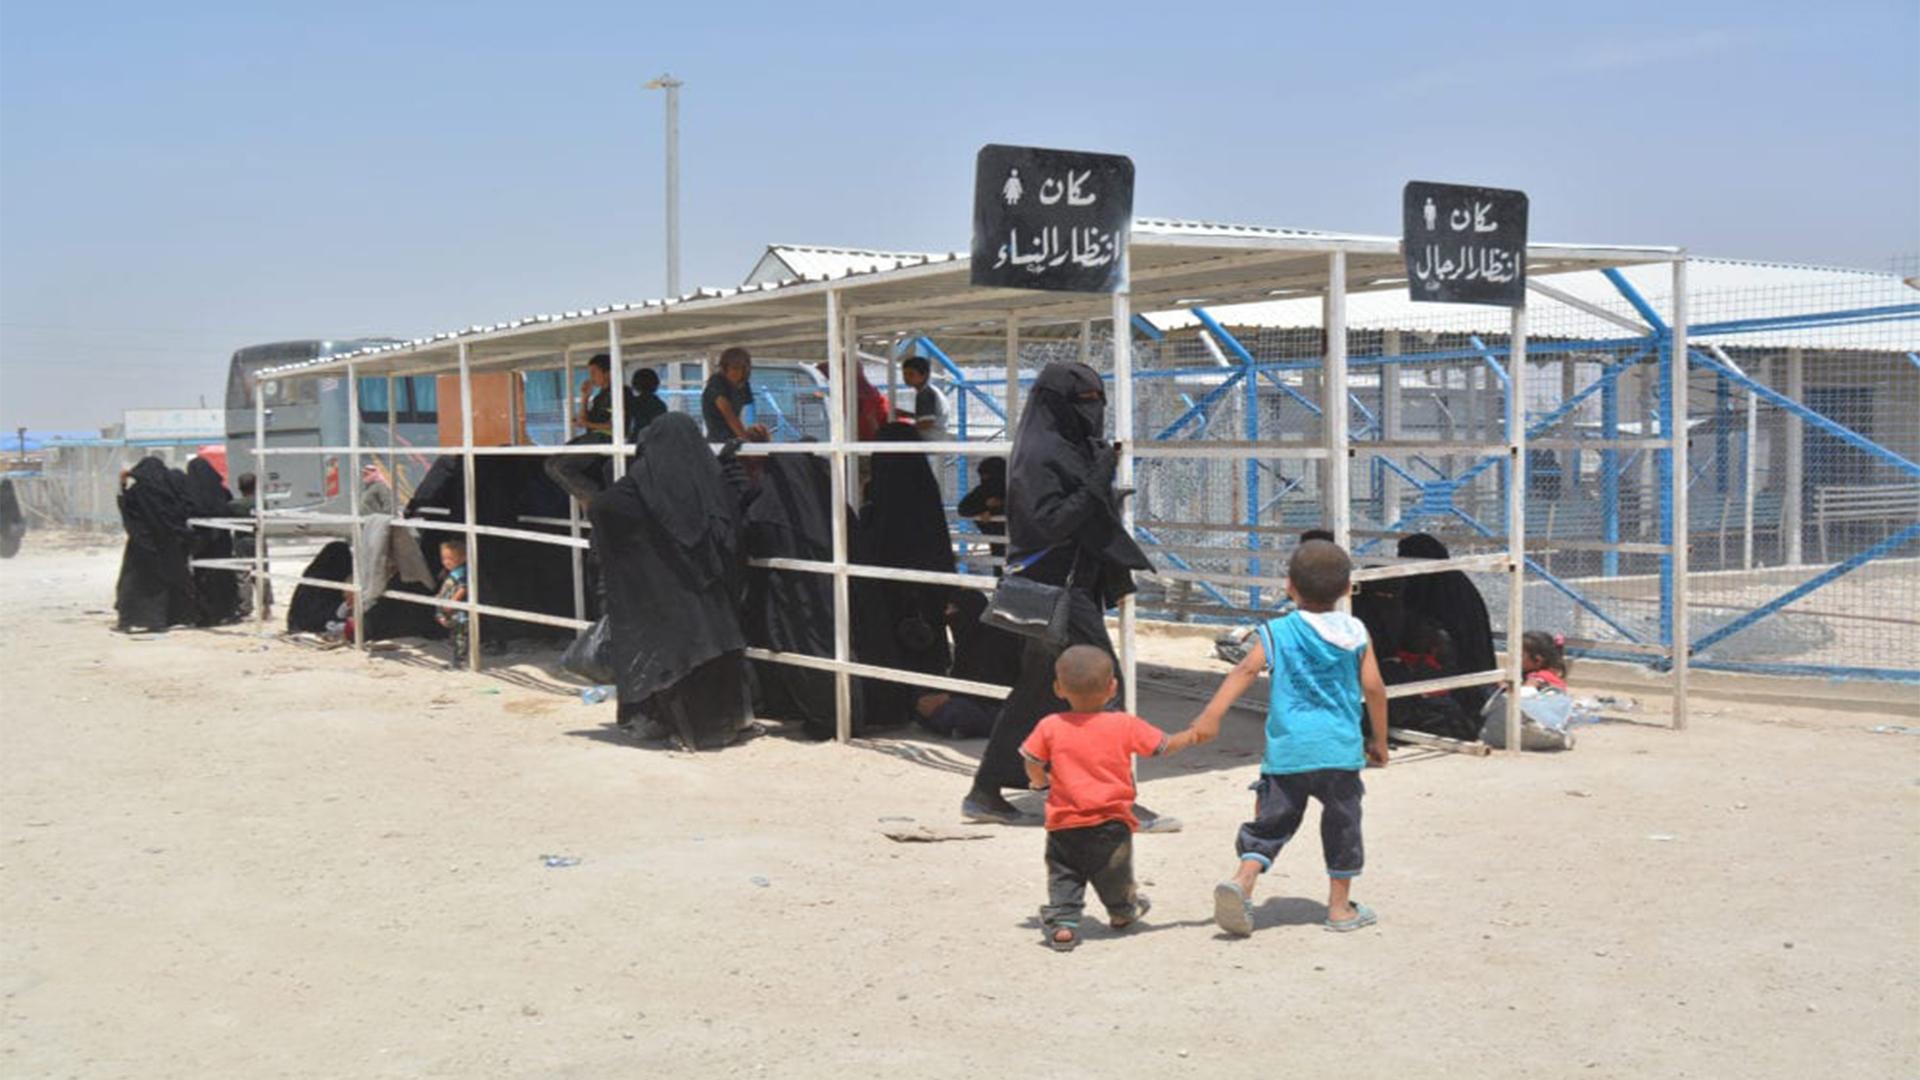 Photo of Brîtaniya wergirtina 30 zarokên DAIŞ'î yên Brîtanî nîqaş dike